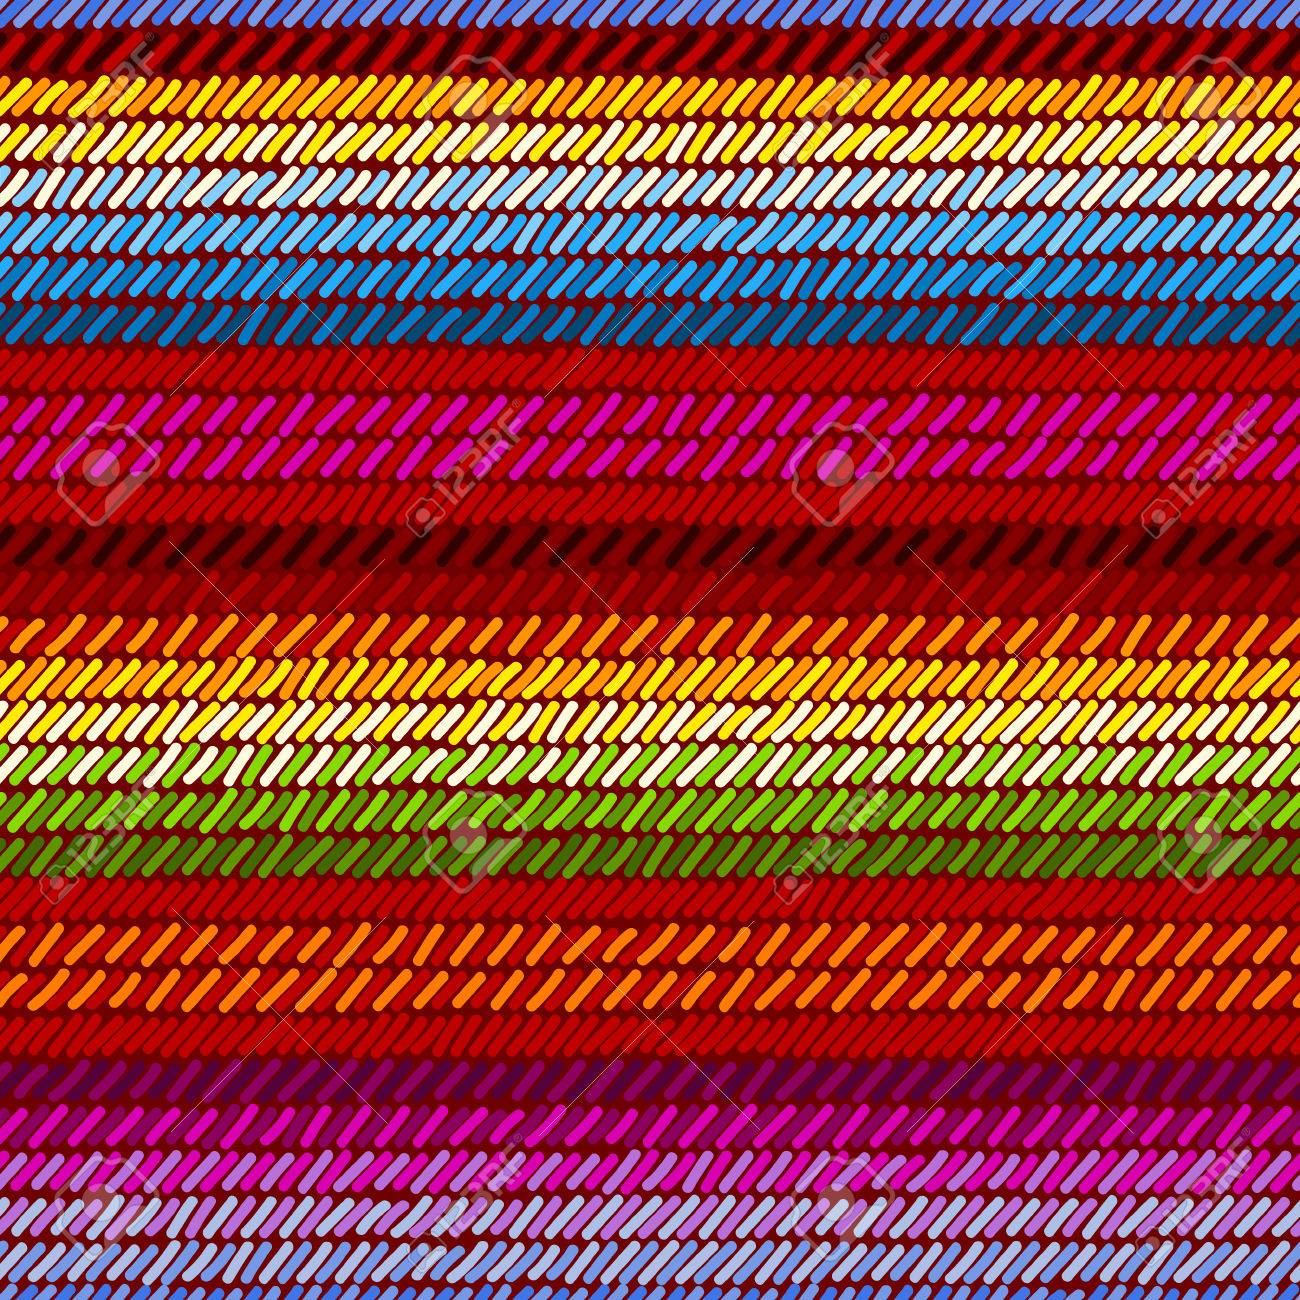 Colorido mexicano serape manta alfombra tejida a rayas de tela patrón transparente, vector.